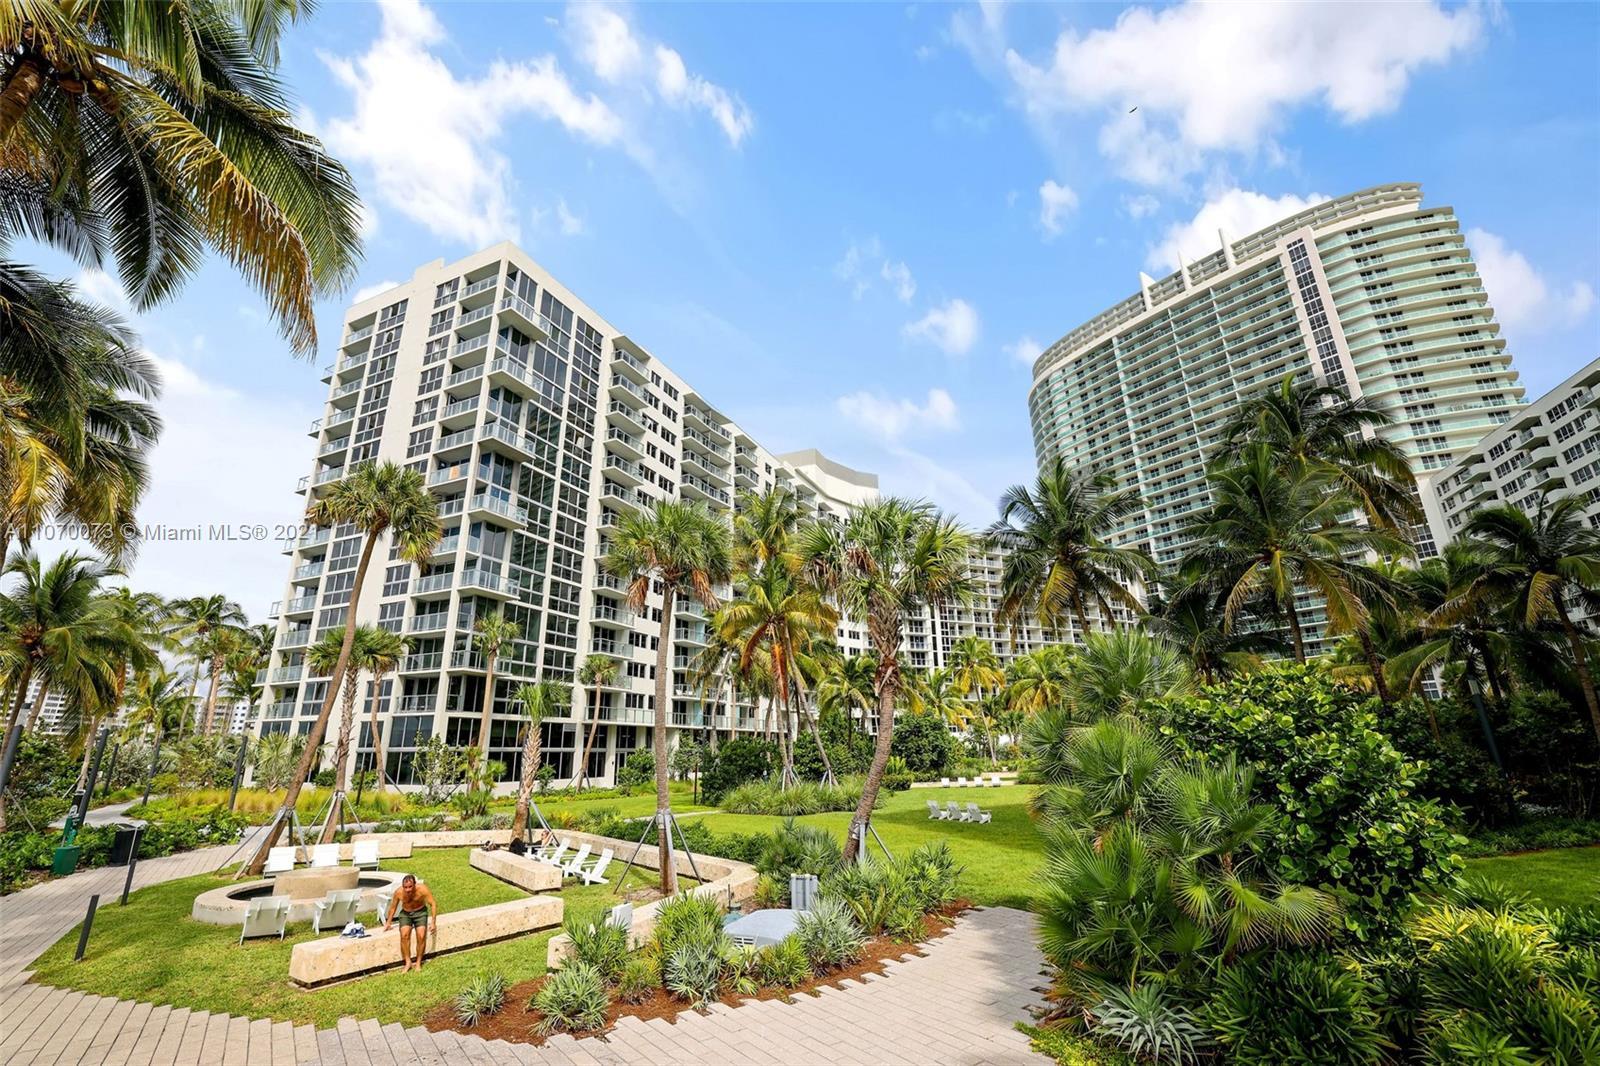 Flamingo South Beach #C-2809 - 1500 Bay Rd #C-2809, Miami Beach, FL 33139